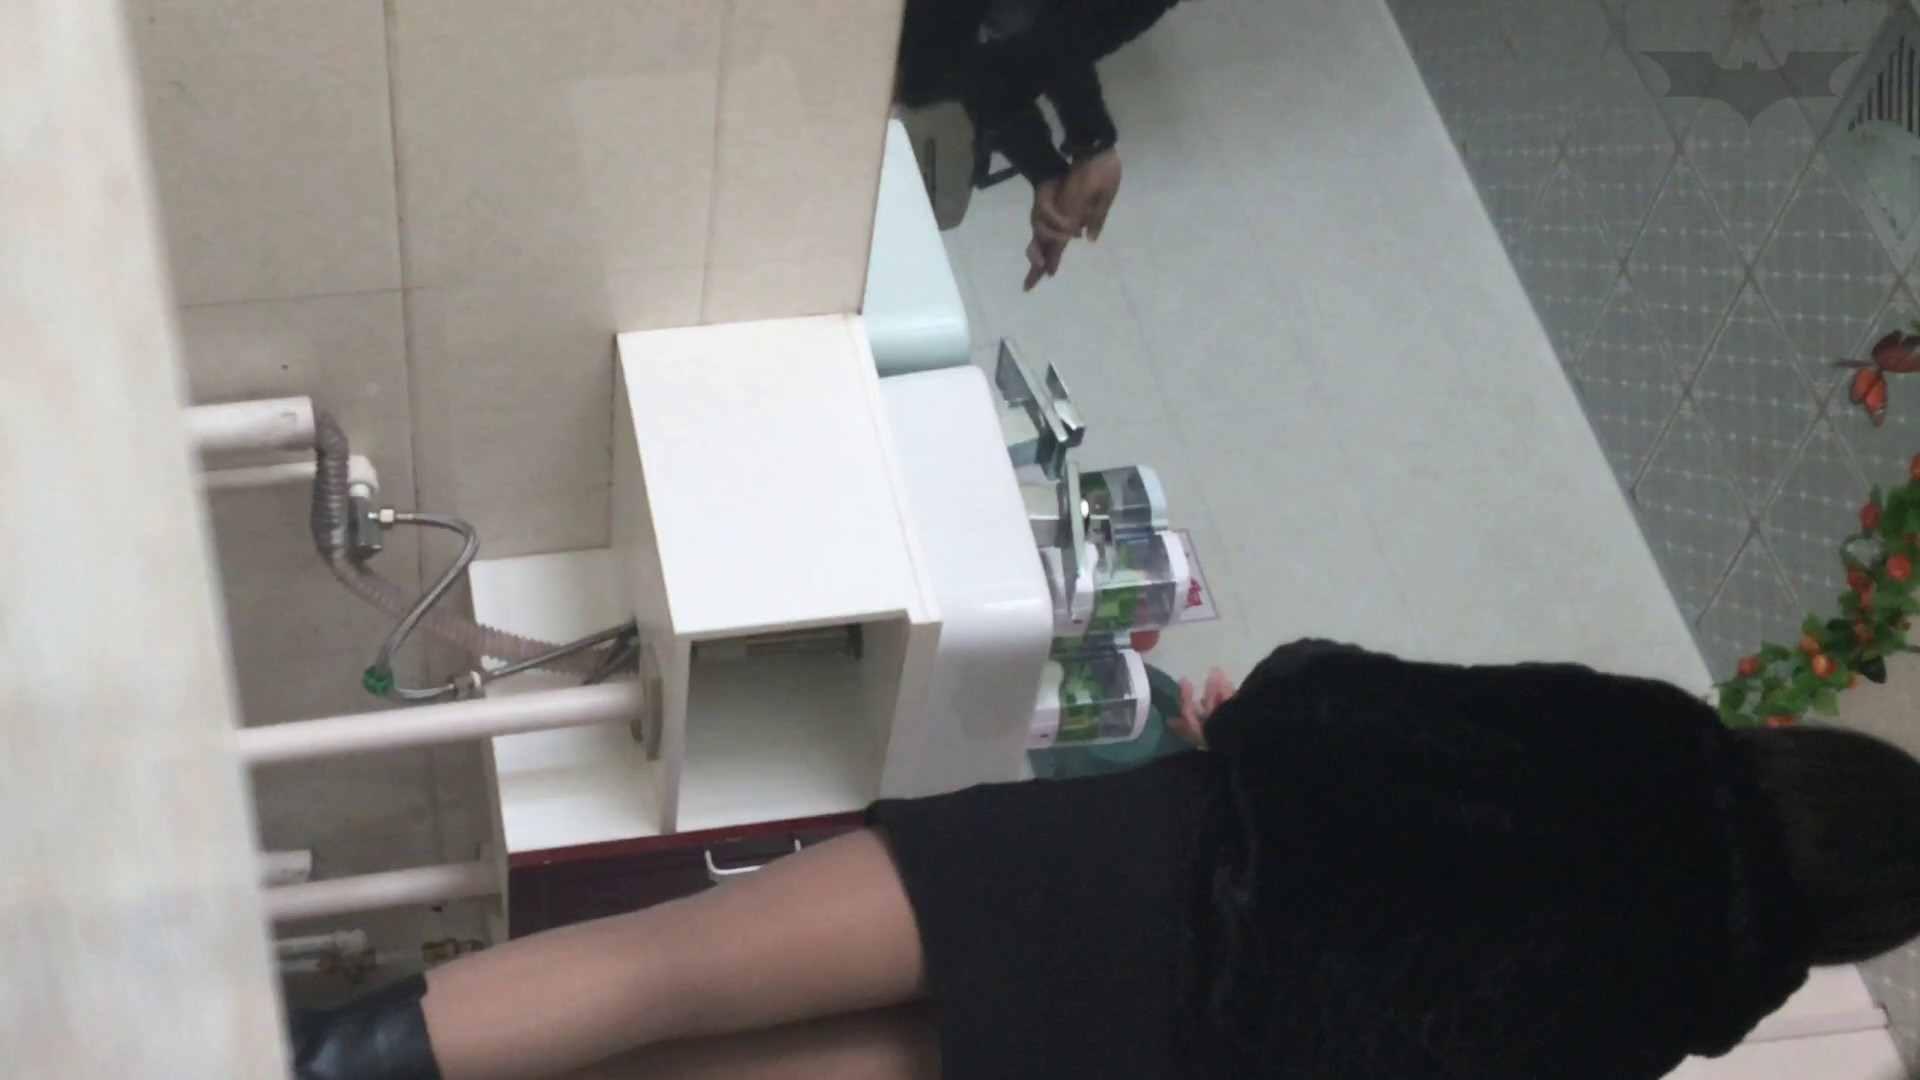 芸術大学ガチ潜入盗撮 JD盗撮 美女の洗面所の秘密 Vol.107 洗面所 のぞきおめこ無修正画像 28pic 4